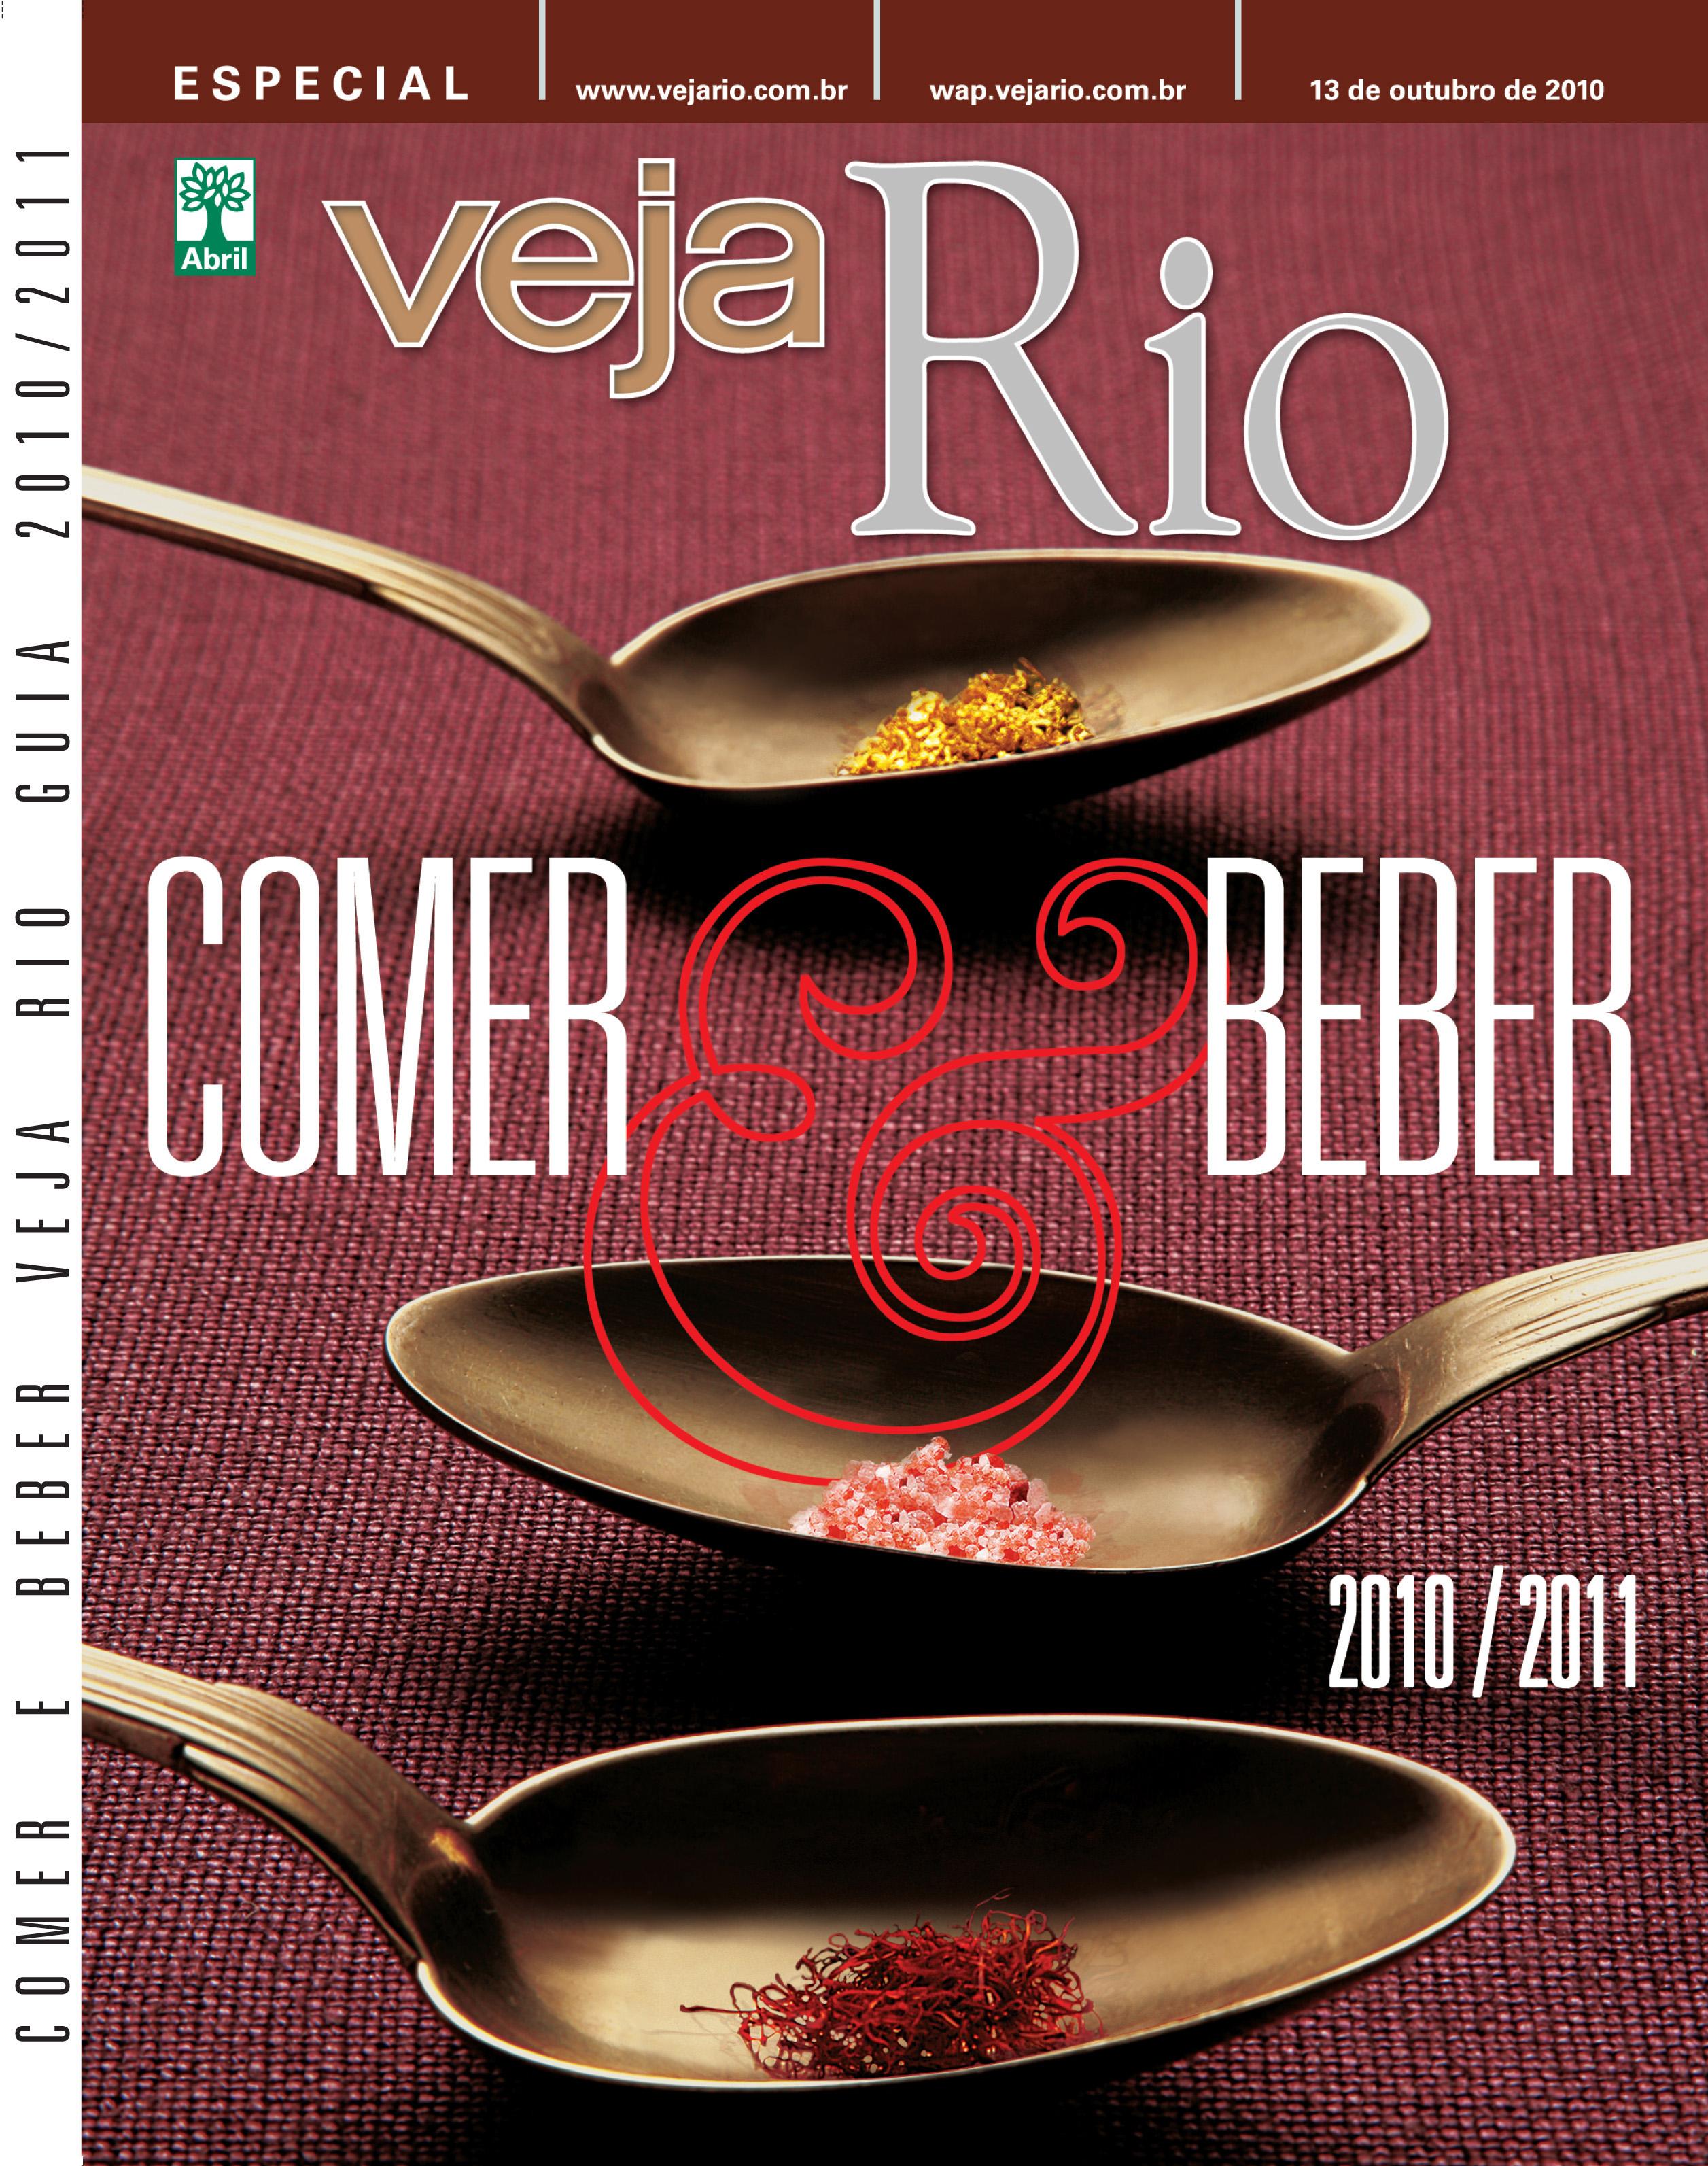 Capa da revista Veja Rio Comer e Beber, edição 2010/2011, outubro de 2010